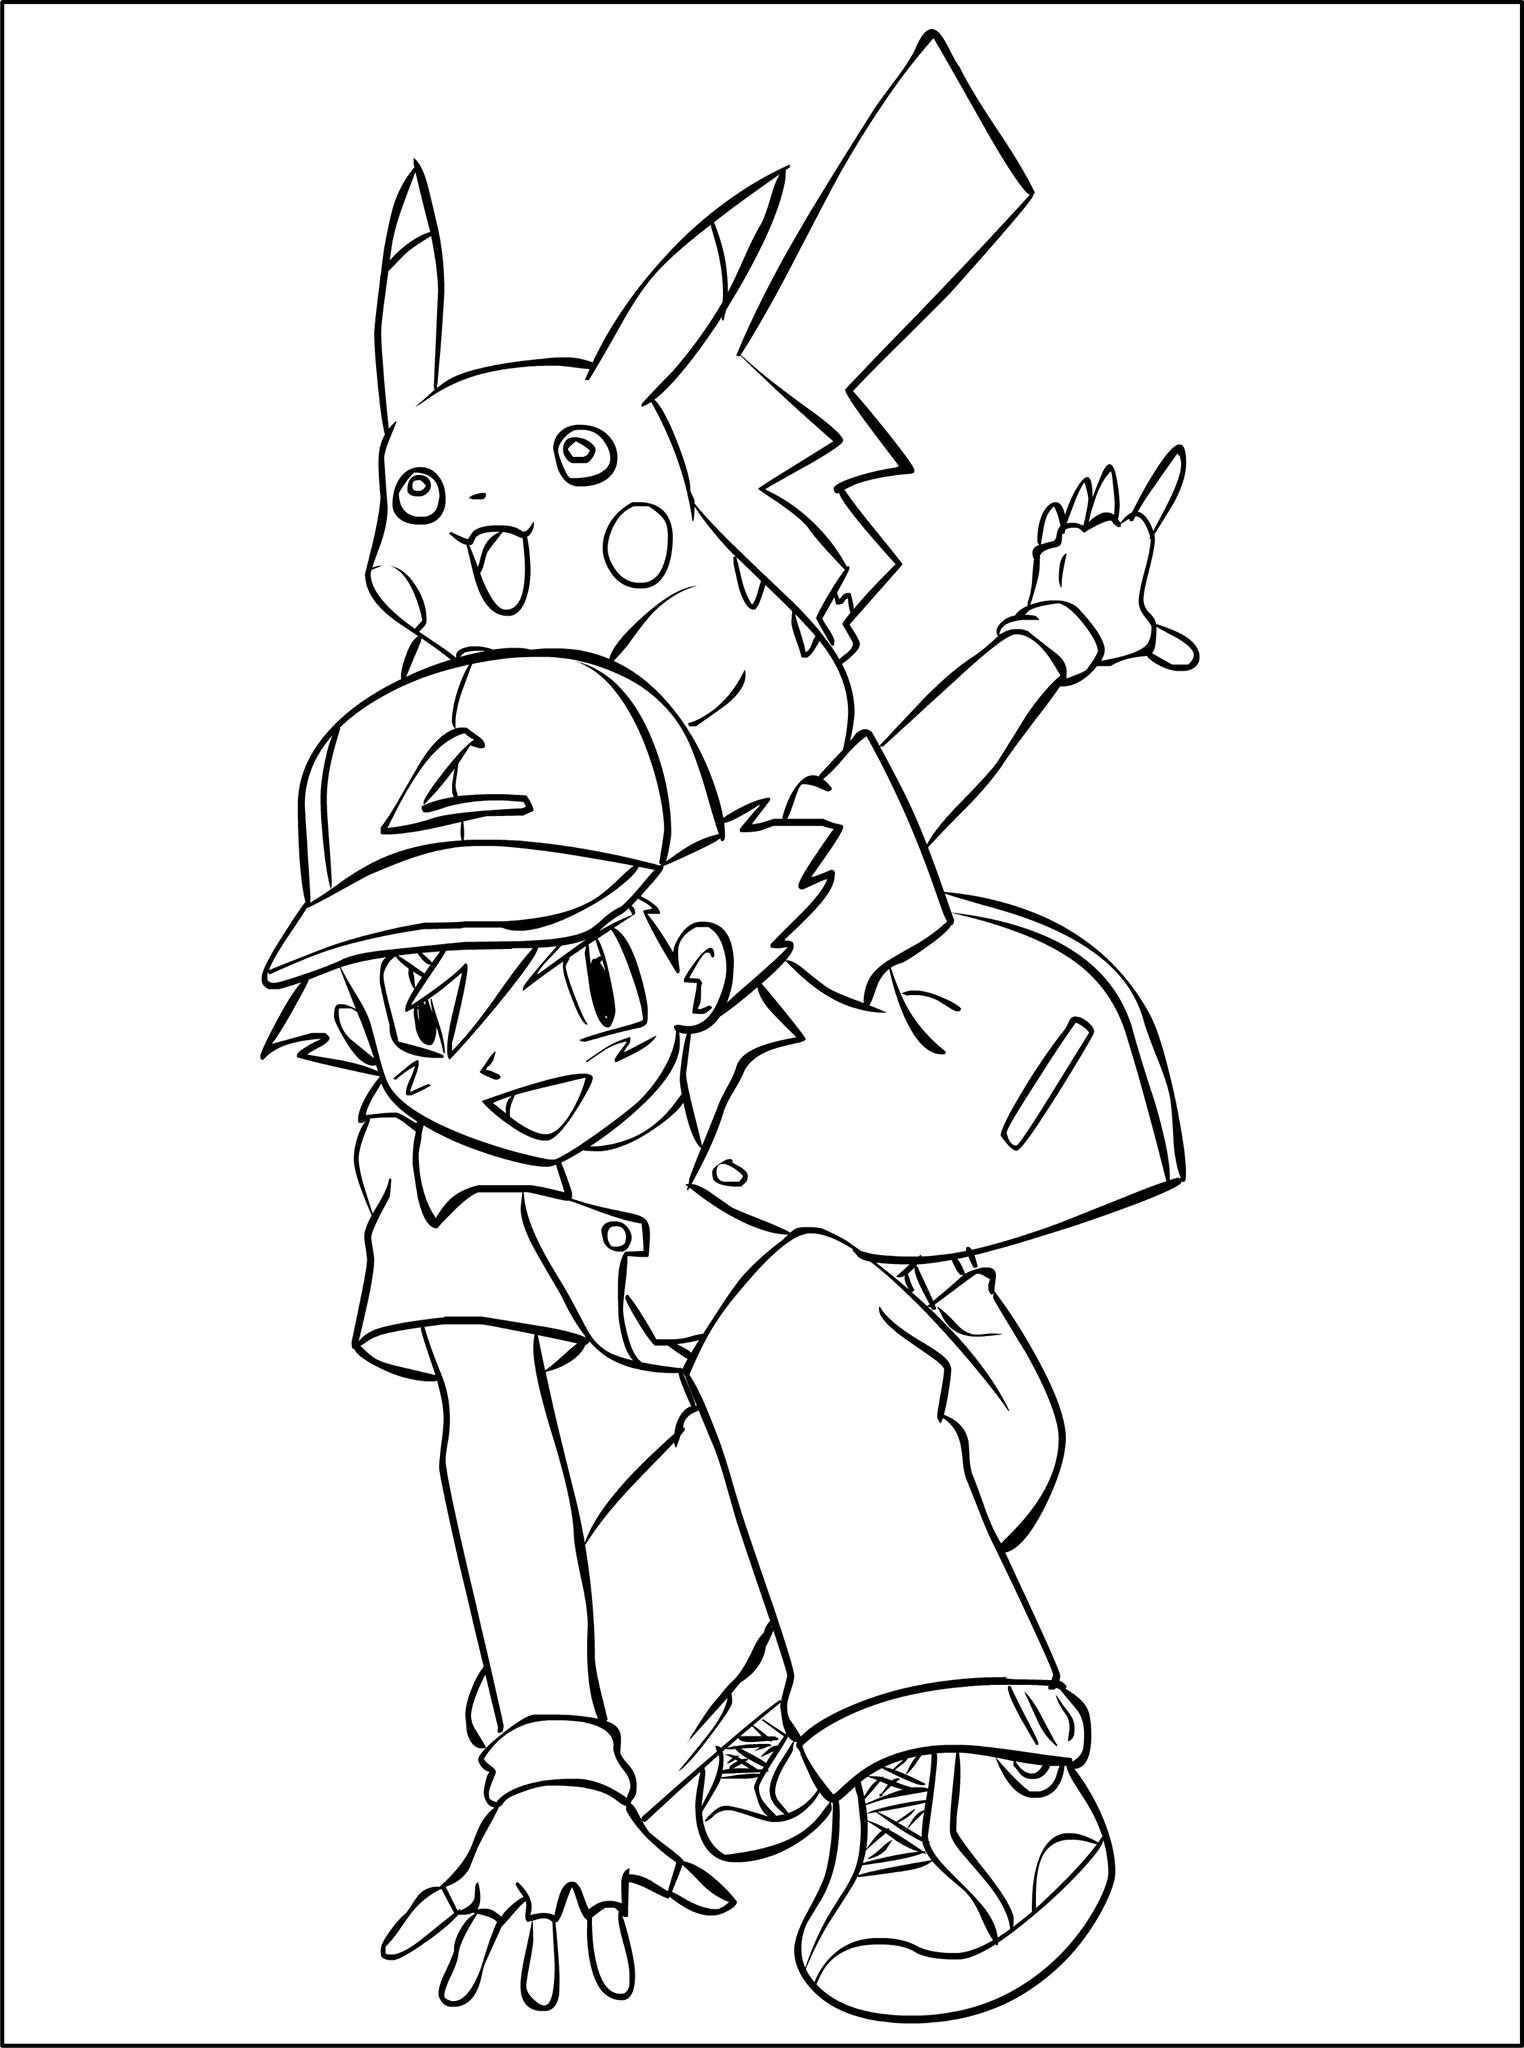 Coloriages Pokemon Gratuits A Imprimer Monsieurteddy Coloriage Pokemon Coloriage Pokemon Salameche